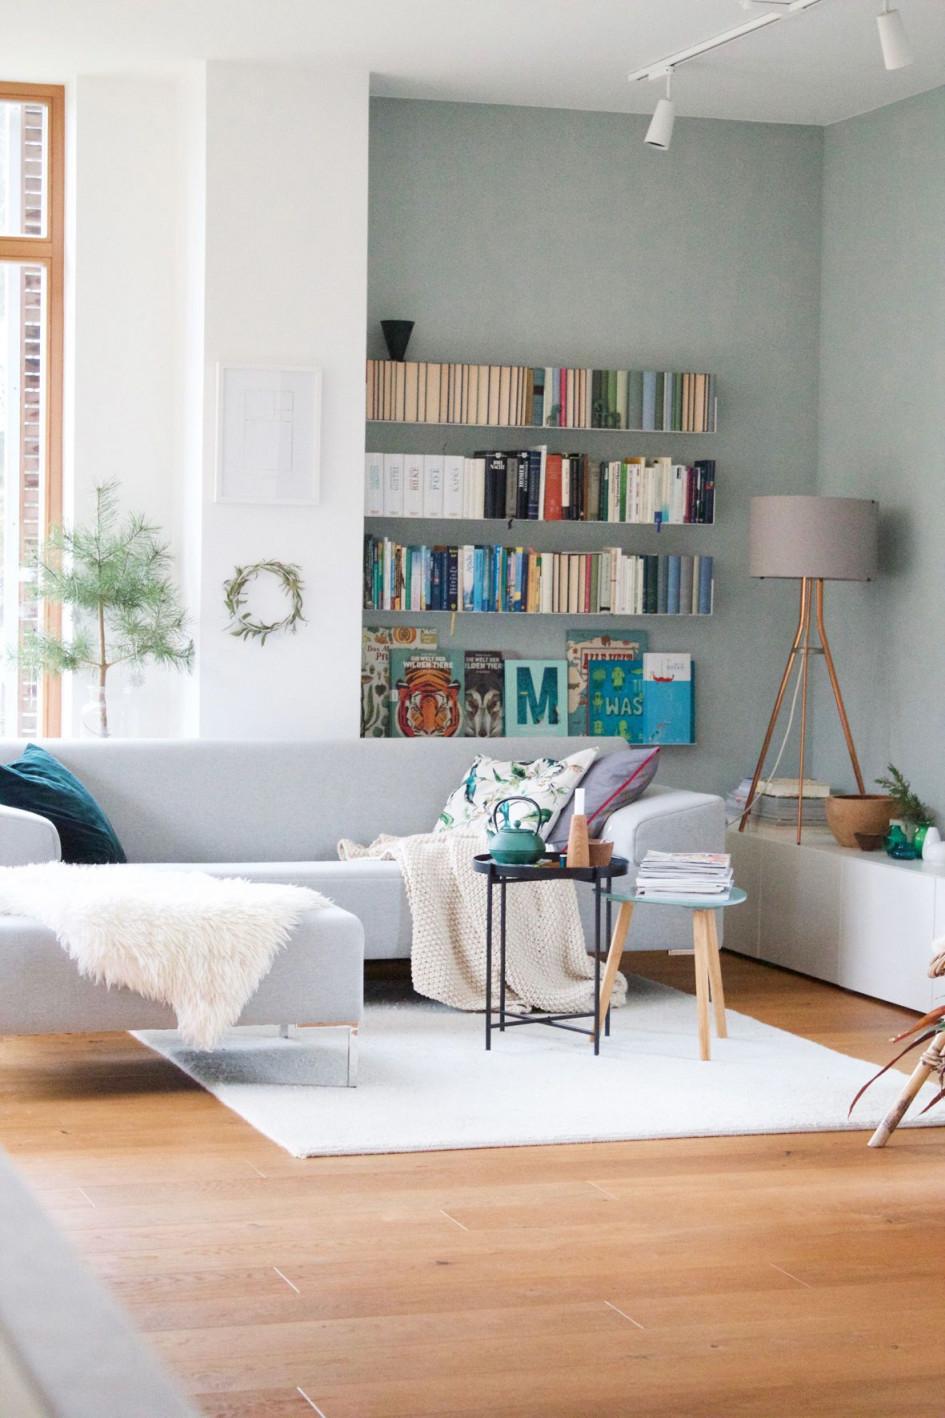 Die Schönsten Ideen Für Die Wandfarbe Im Wohnzimmer von Wohnzimmer Farbig Gestalten Bild